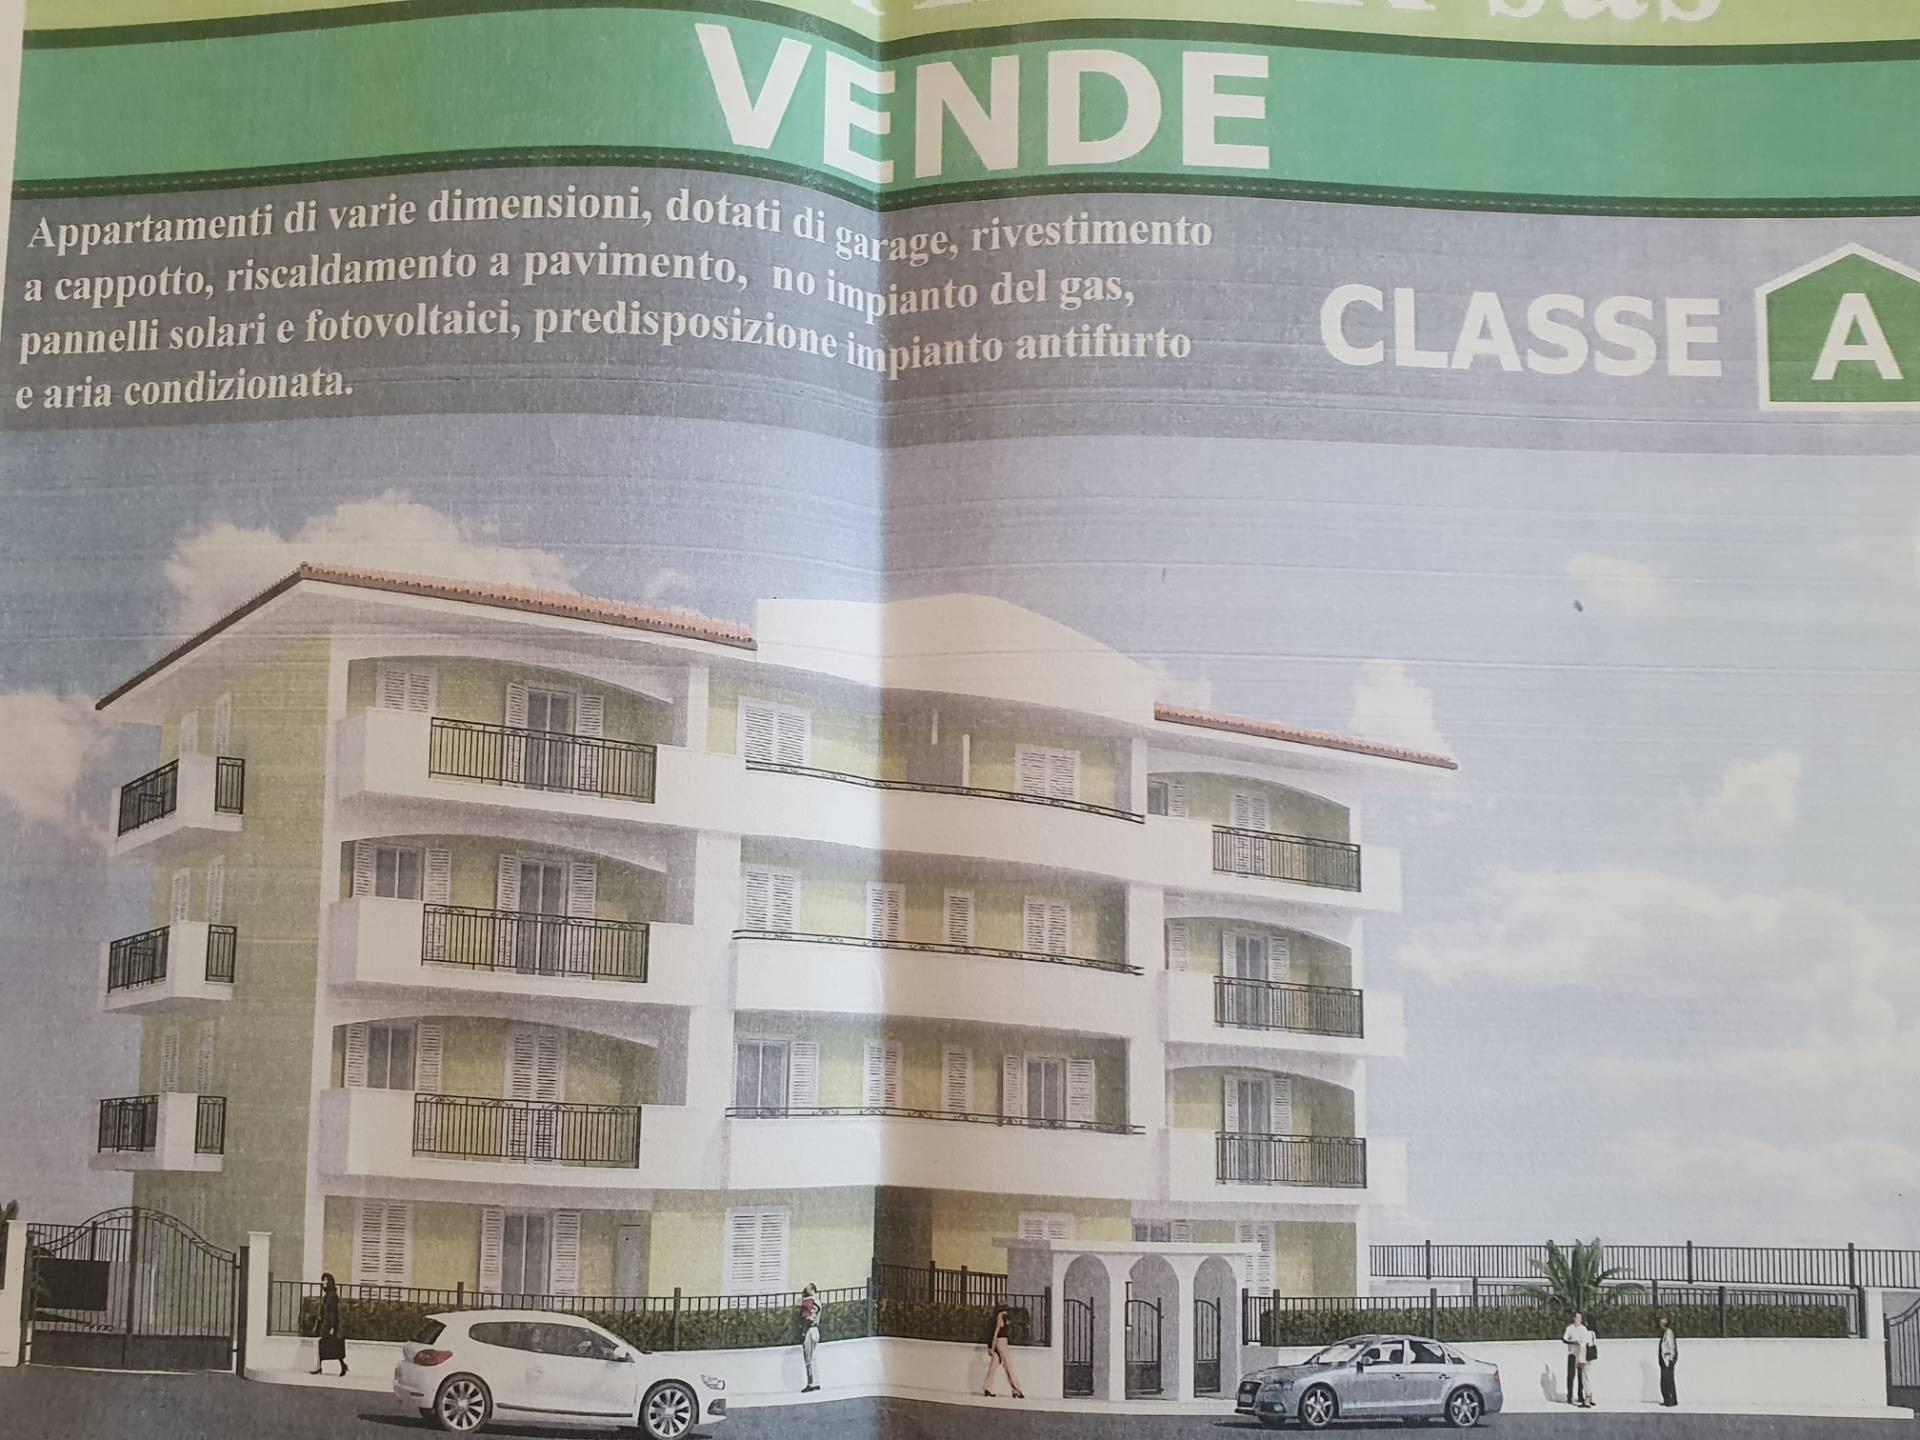 Appartamento in vendita a Monteprandone, 3 locali, zona Zona: Centobuchi, prezzo € 150.500 | CambioCasa.it